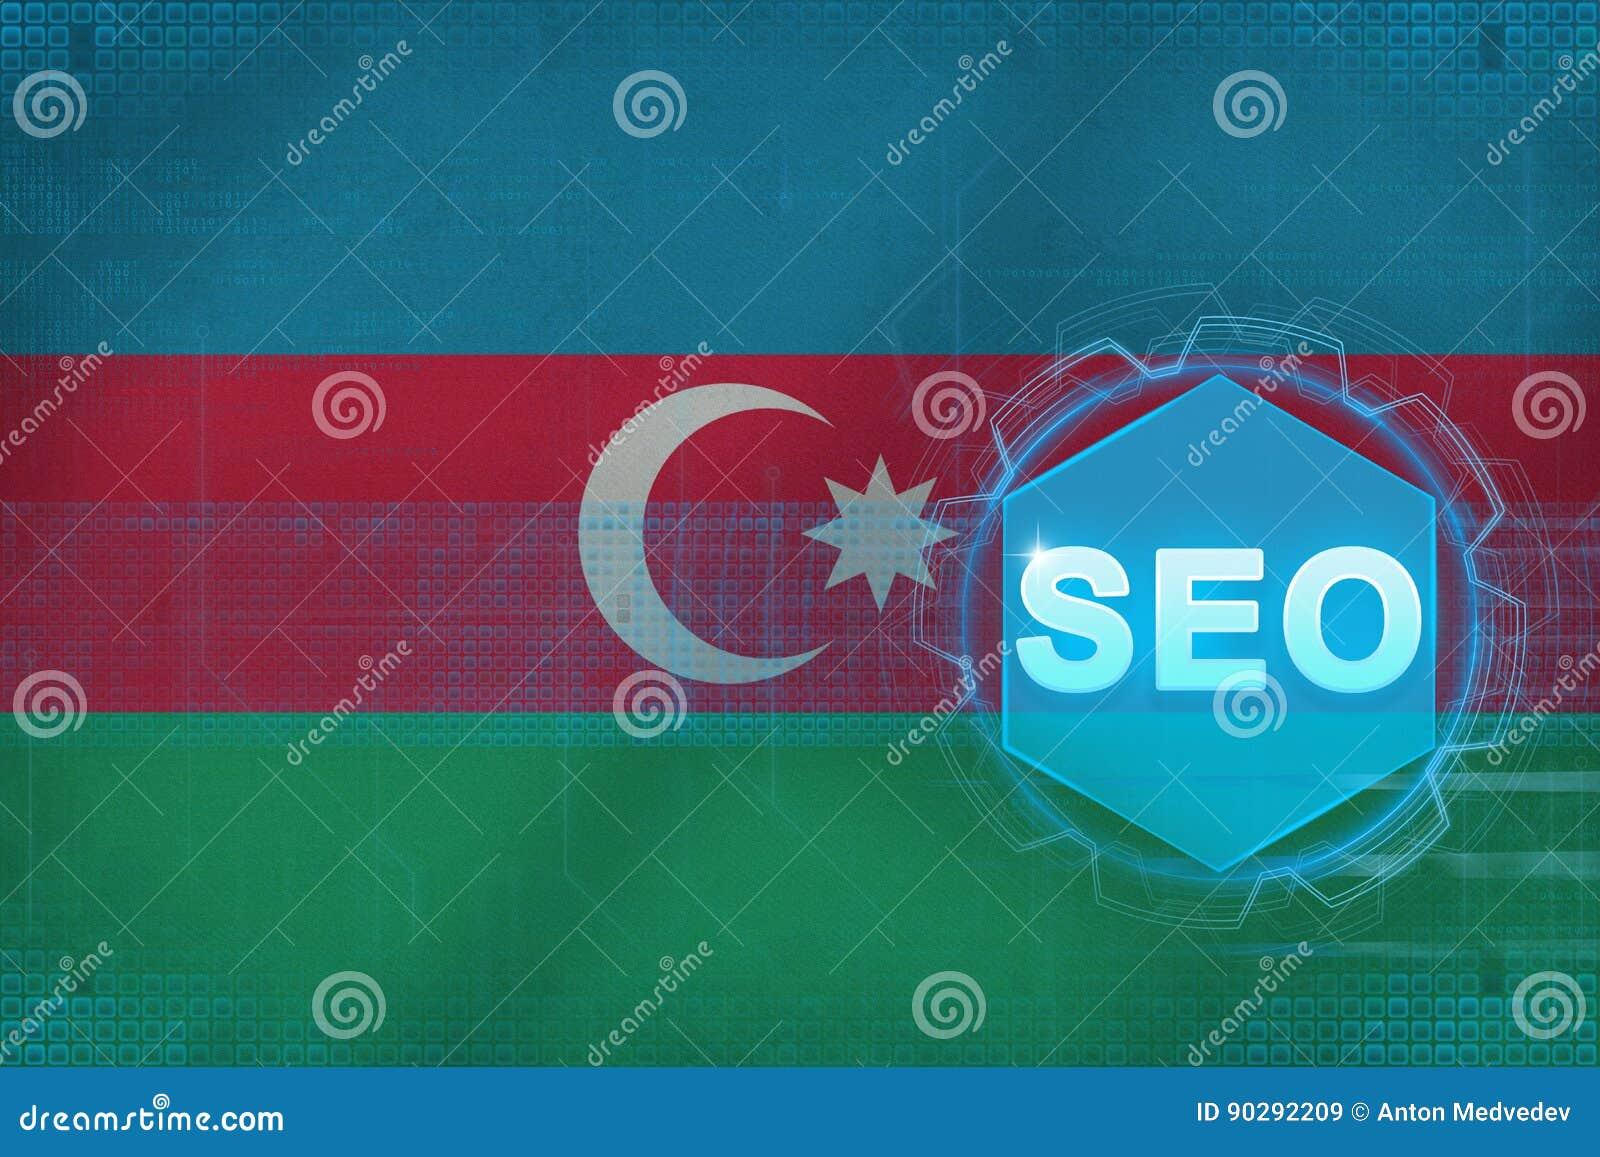 Azerbajdzjan seo (sökandemotoroptimization) frambragd bildseo för dator begrepp